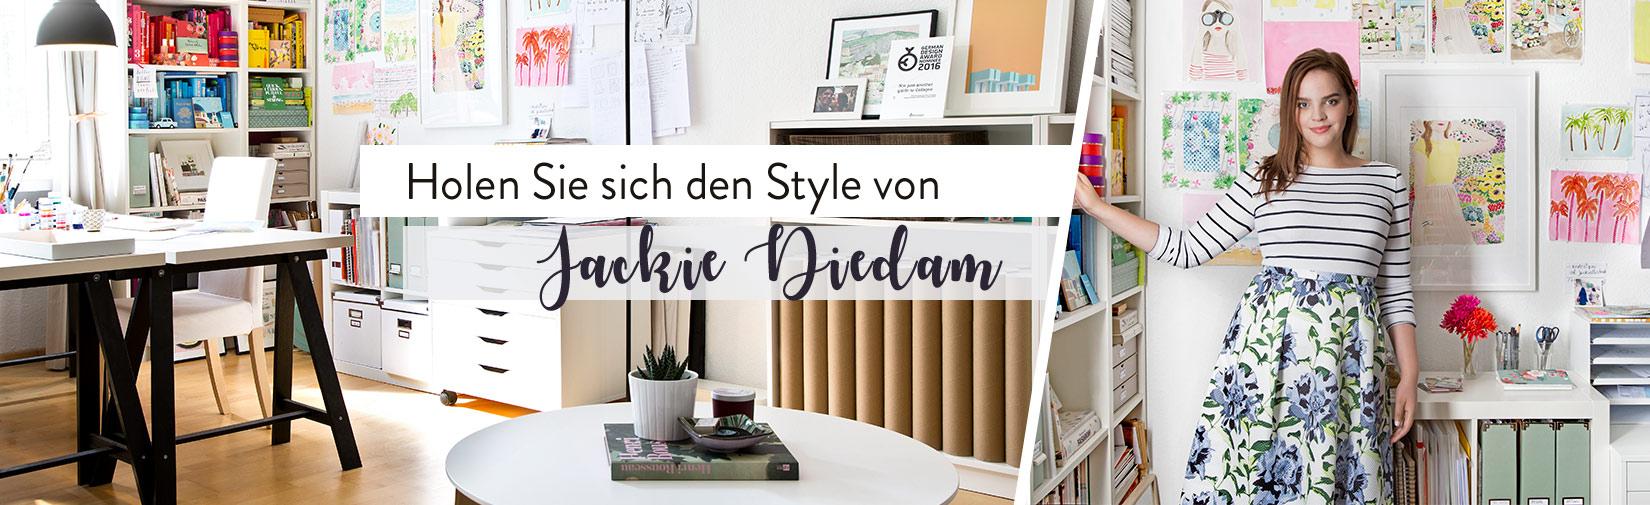 JackieDiedam-Desktop